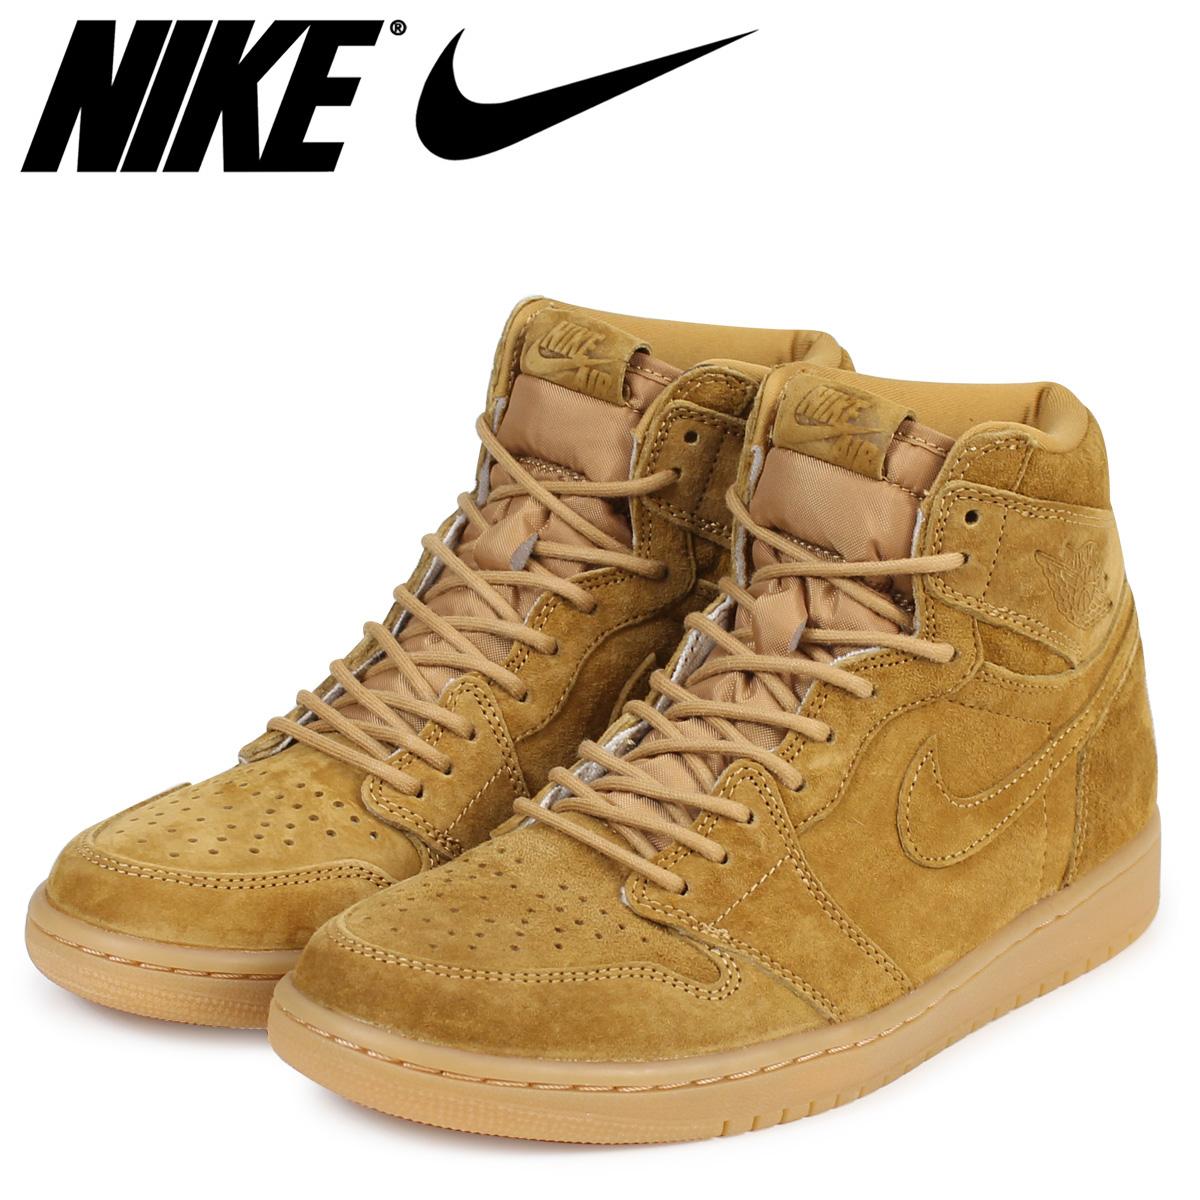 d582325de9ef NIKE Nike Air Jordan 1 nostalgic high sneakers AIR JORDAN 1 RETRO HIGH OG  555